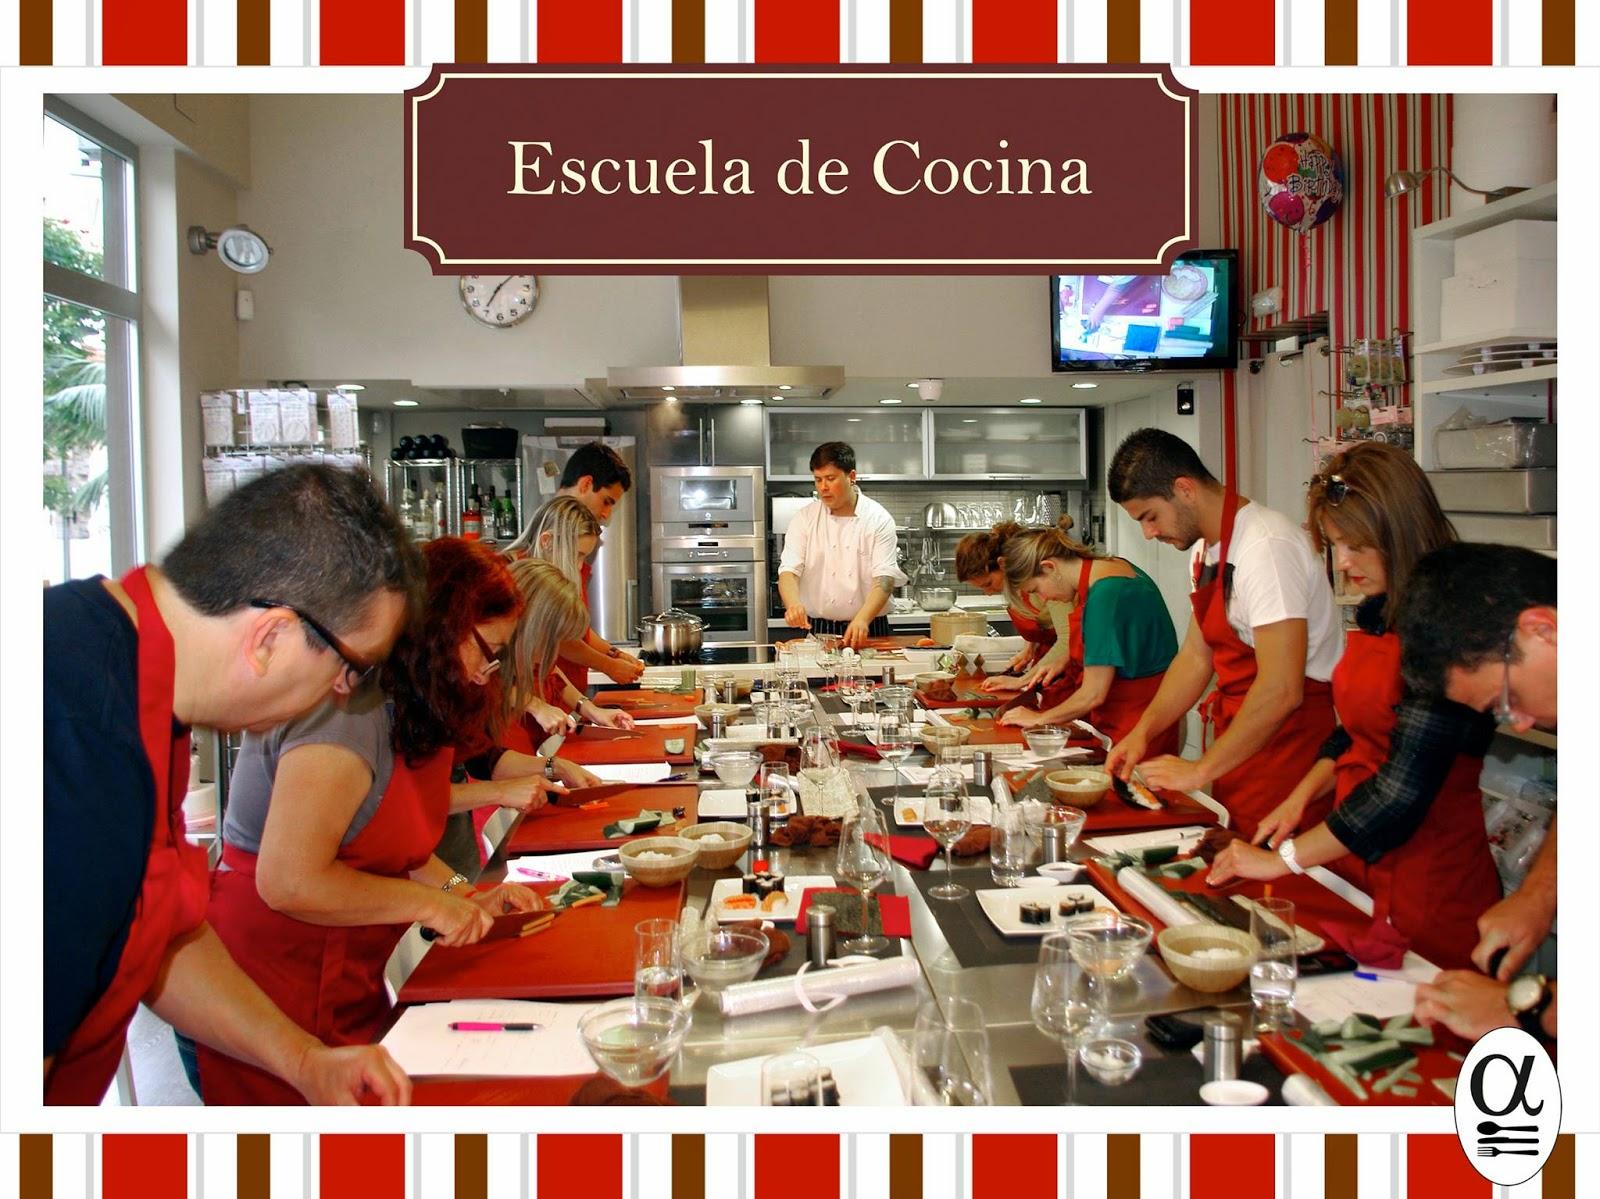 Soho santa cruz calendario de cursos de cocina de arj - Clases de cocina meetic ...